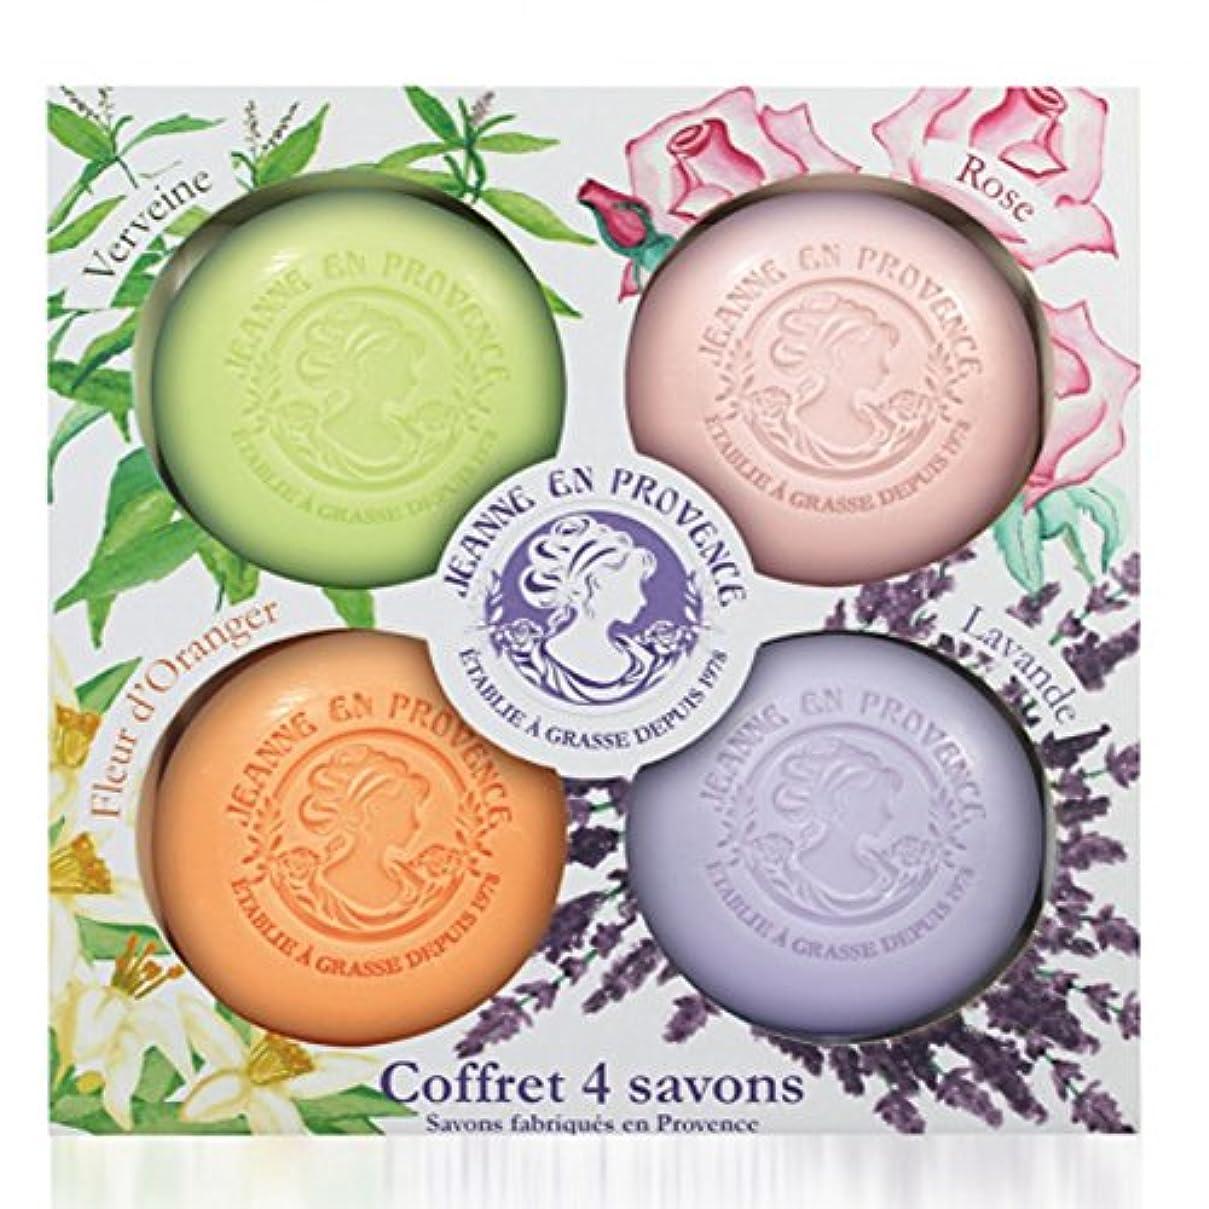 JEANNE EN PROVENCE solid soap, 4 in 1 set (verveine, rose, orange, lavender) make in france 1978, WHITENING &...